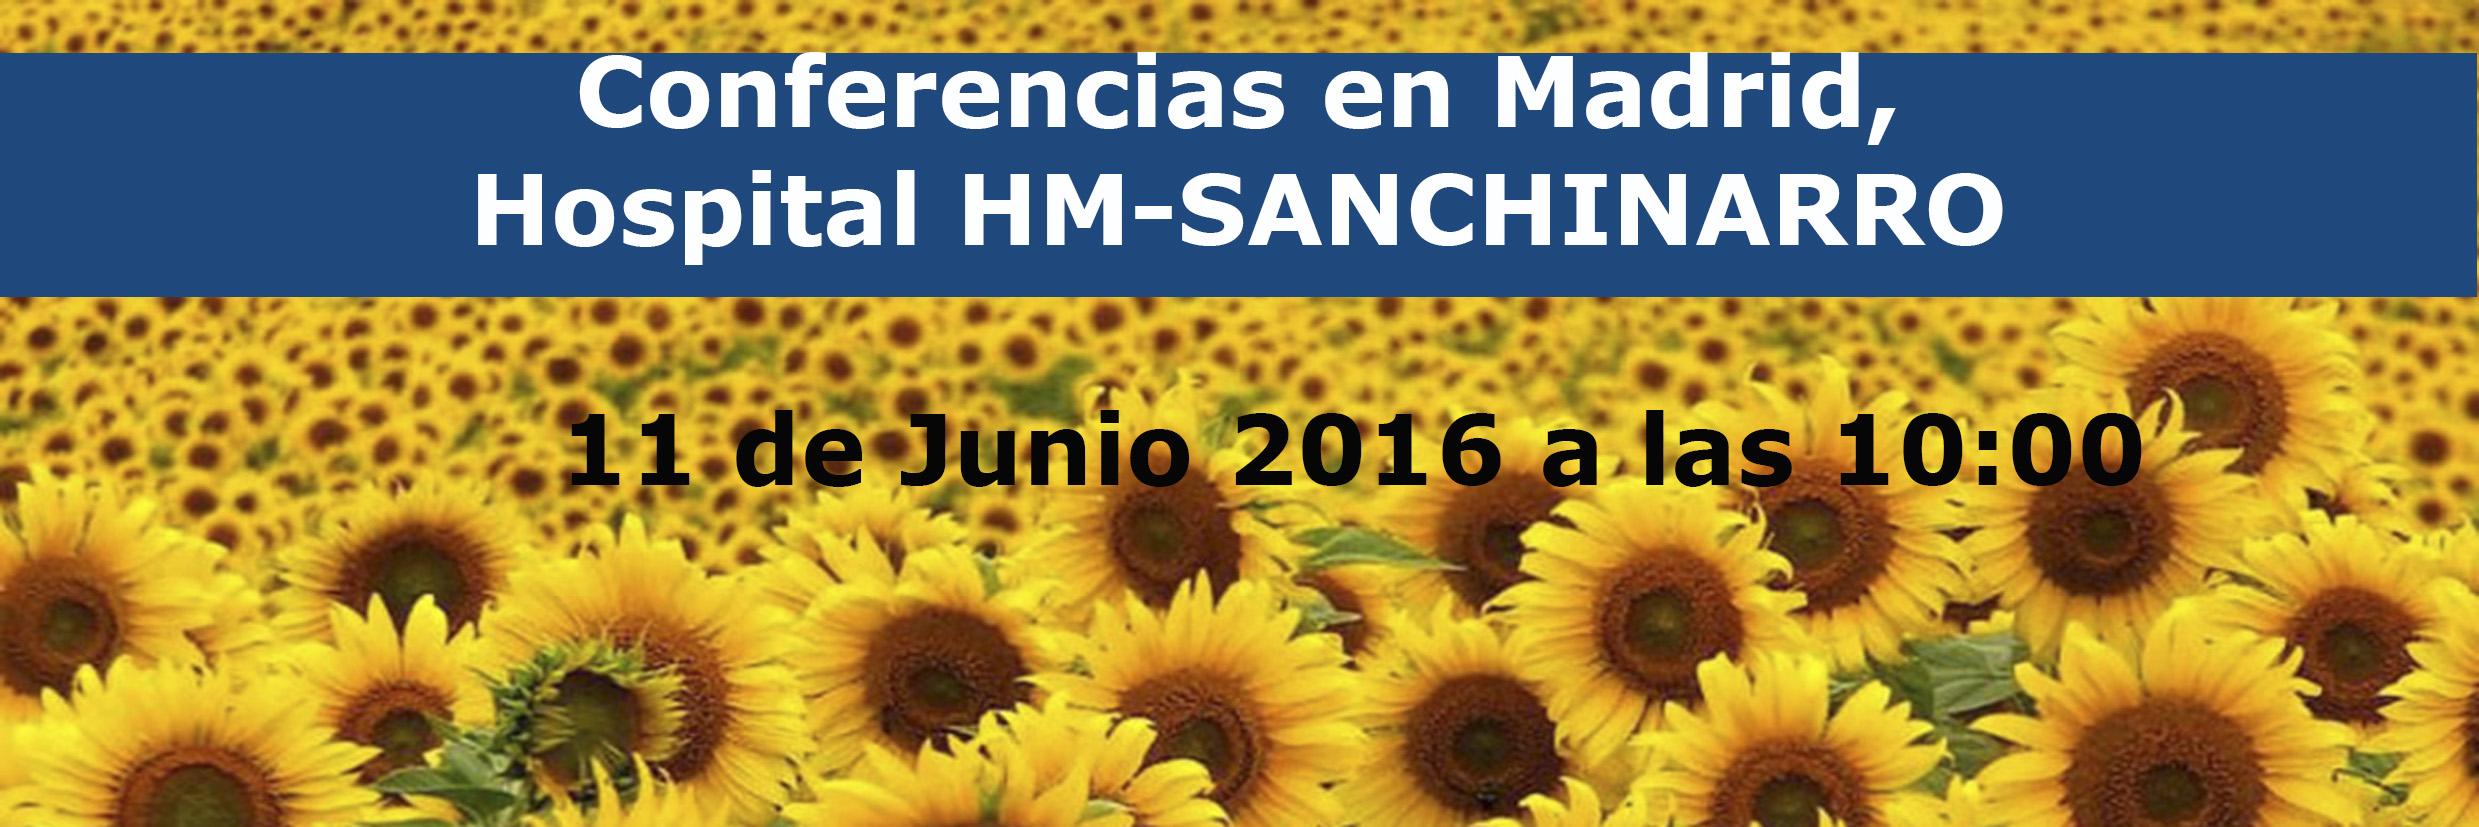 11 de Junio: Conferencias en Madrid, Hospital HM-SANCHINARRO